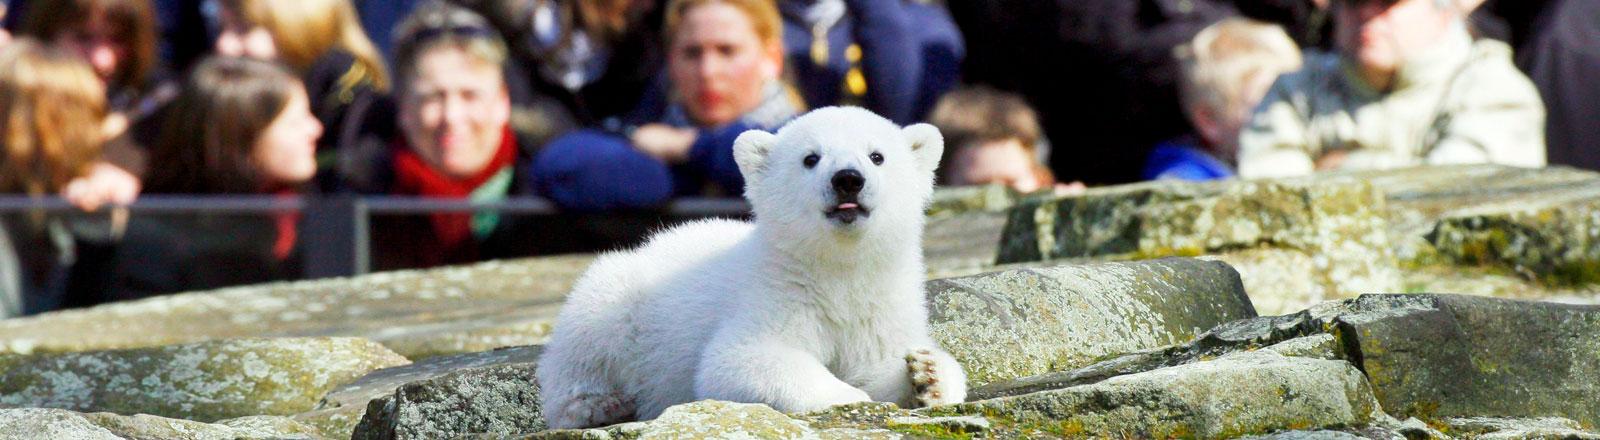 Eisbär Knut im Berliner Zoo.